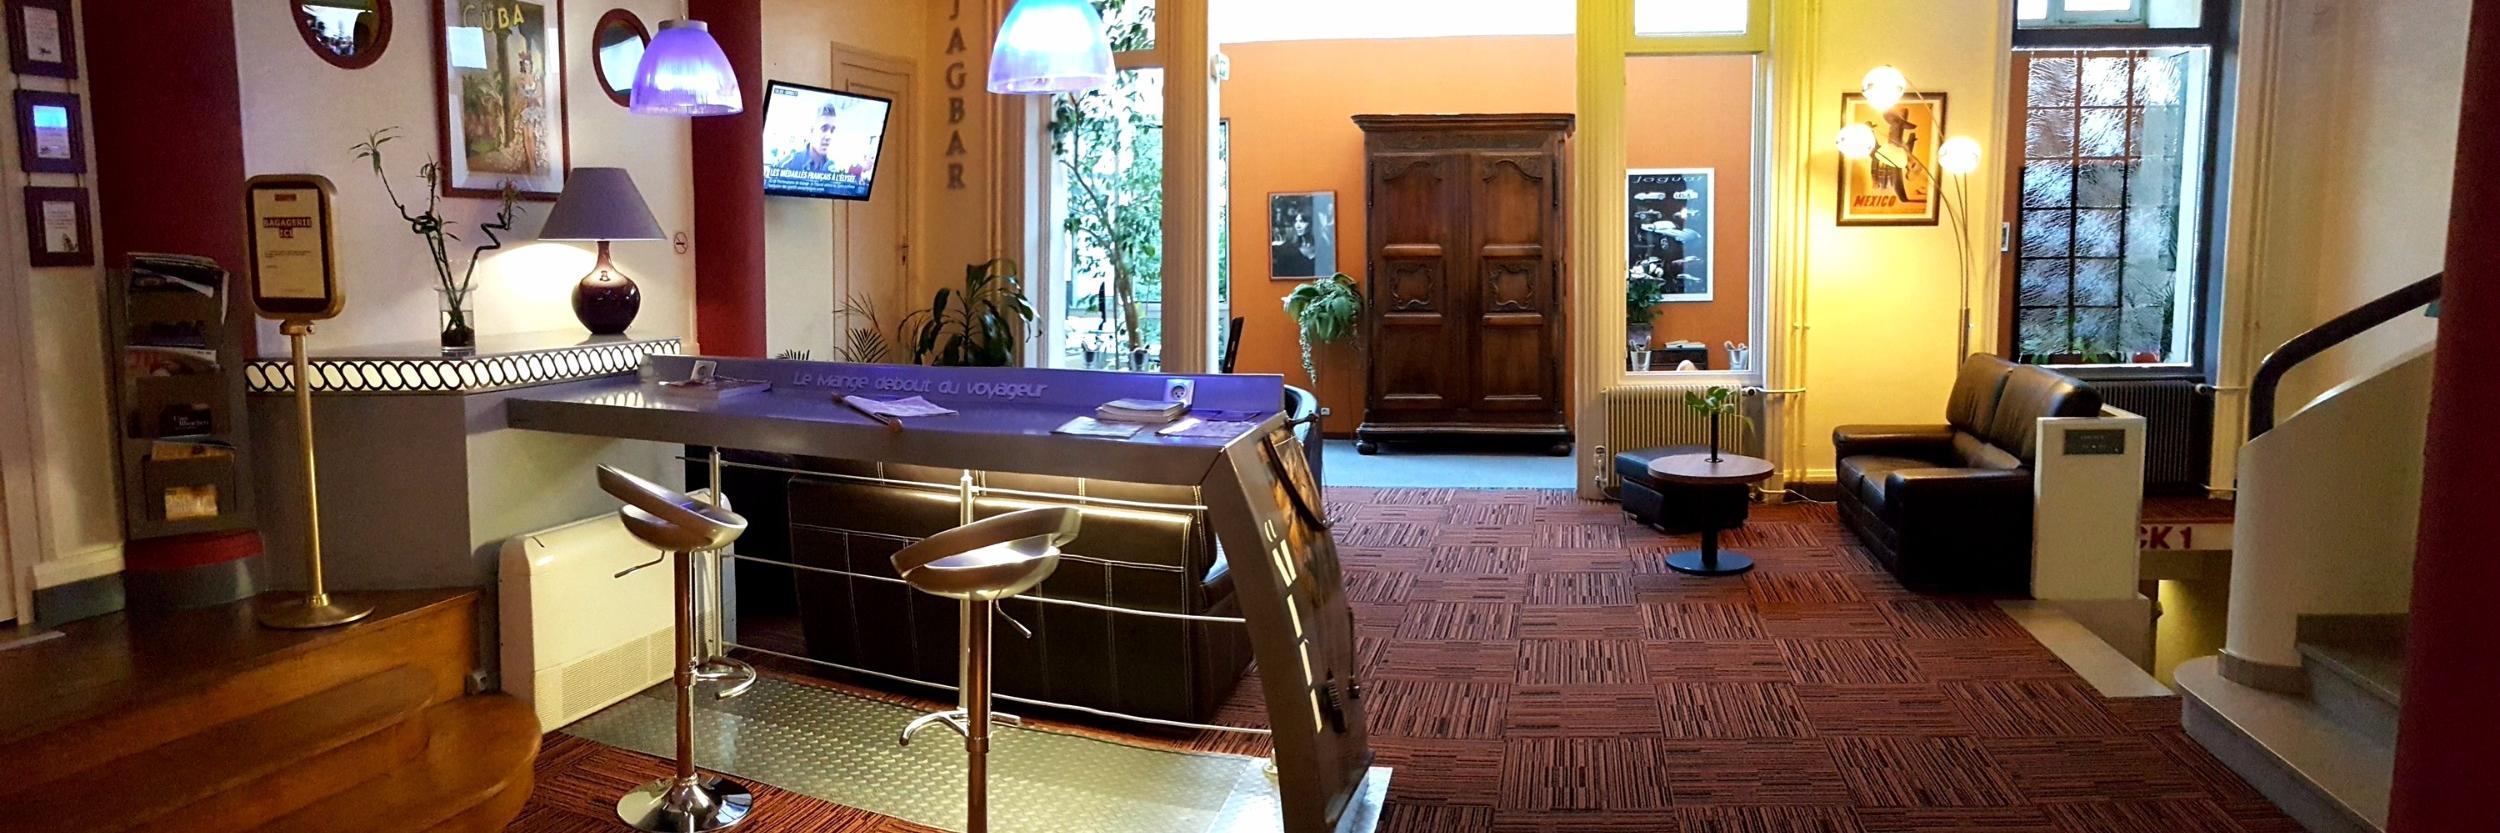 top 5 des h tels de saint etienne saint etienne tourisme. Black Bedroom Furniture Sets. Home Design Ideas